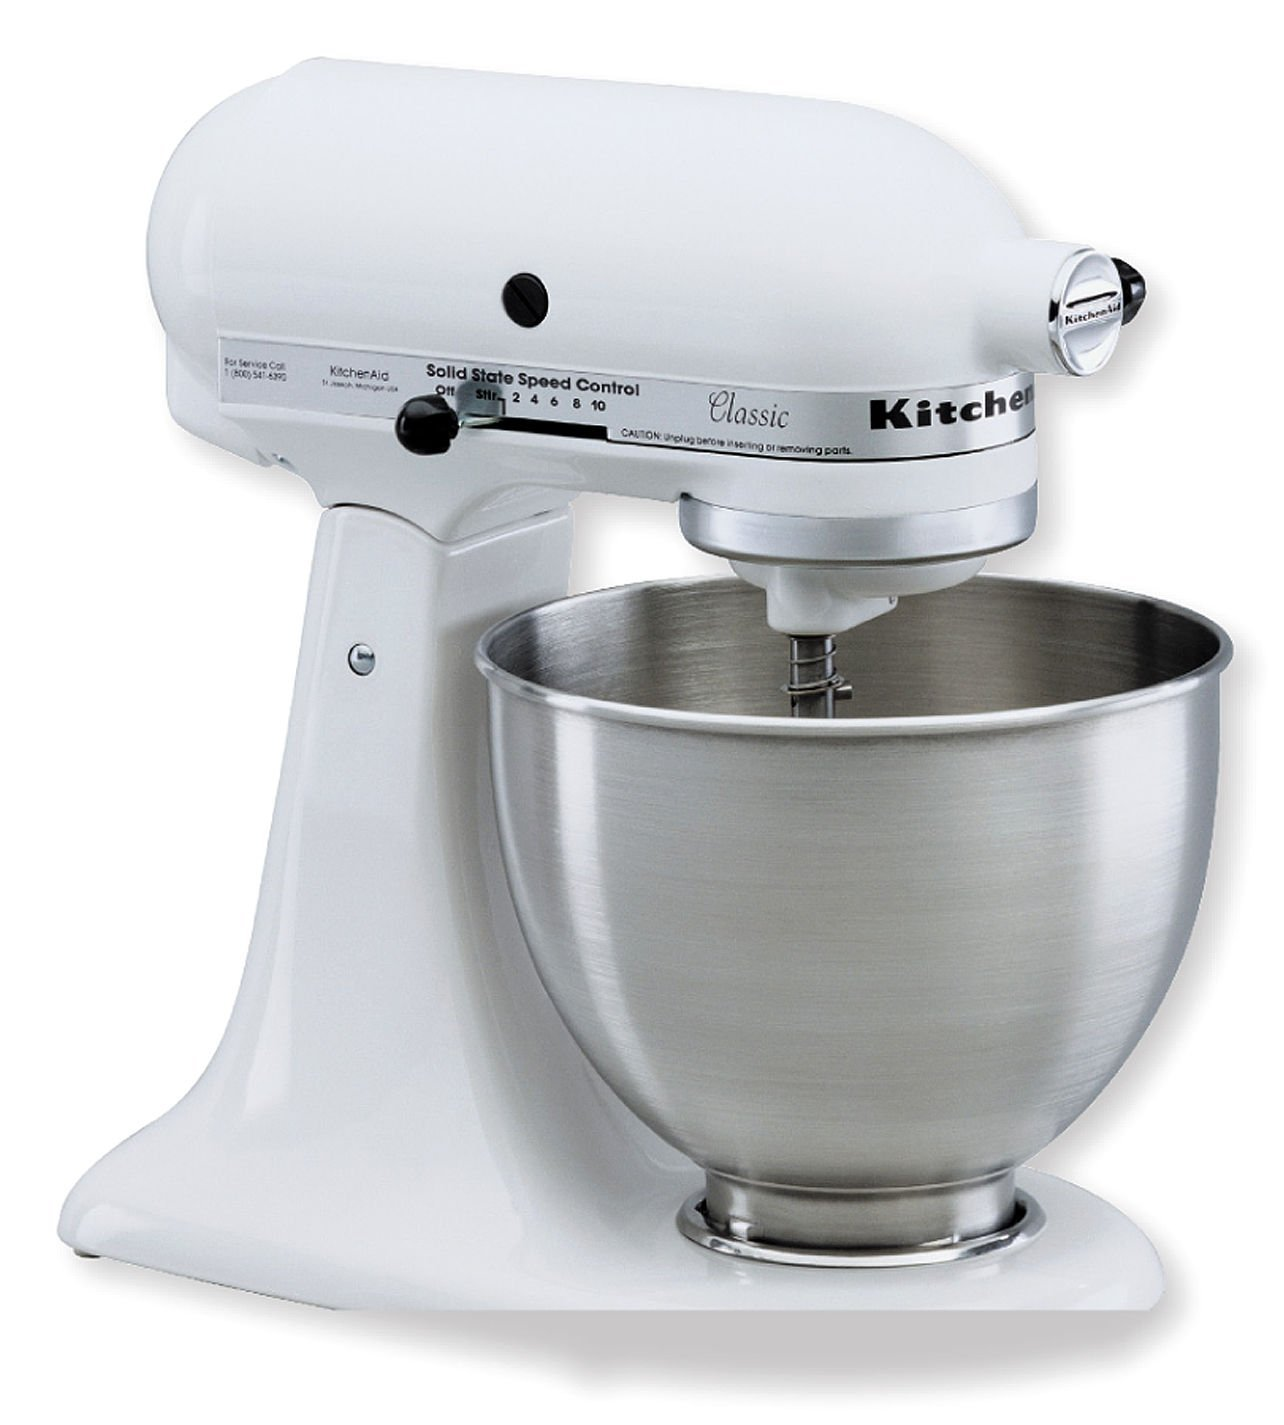 Kitchen aid mixer white Photo - 1